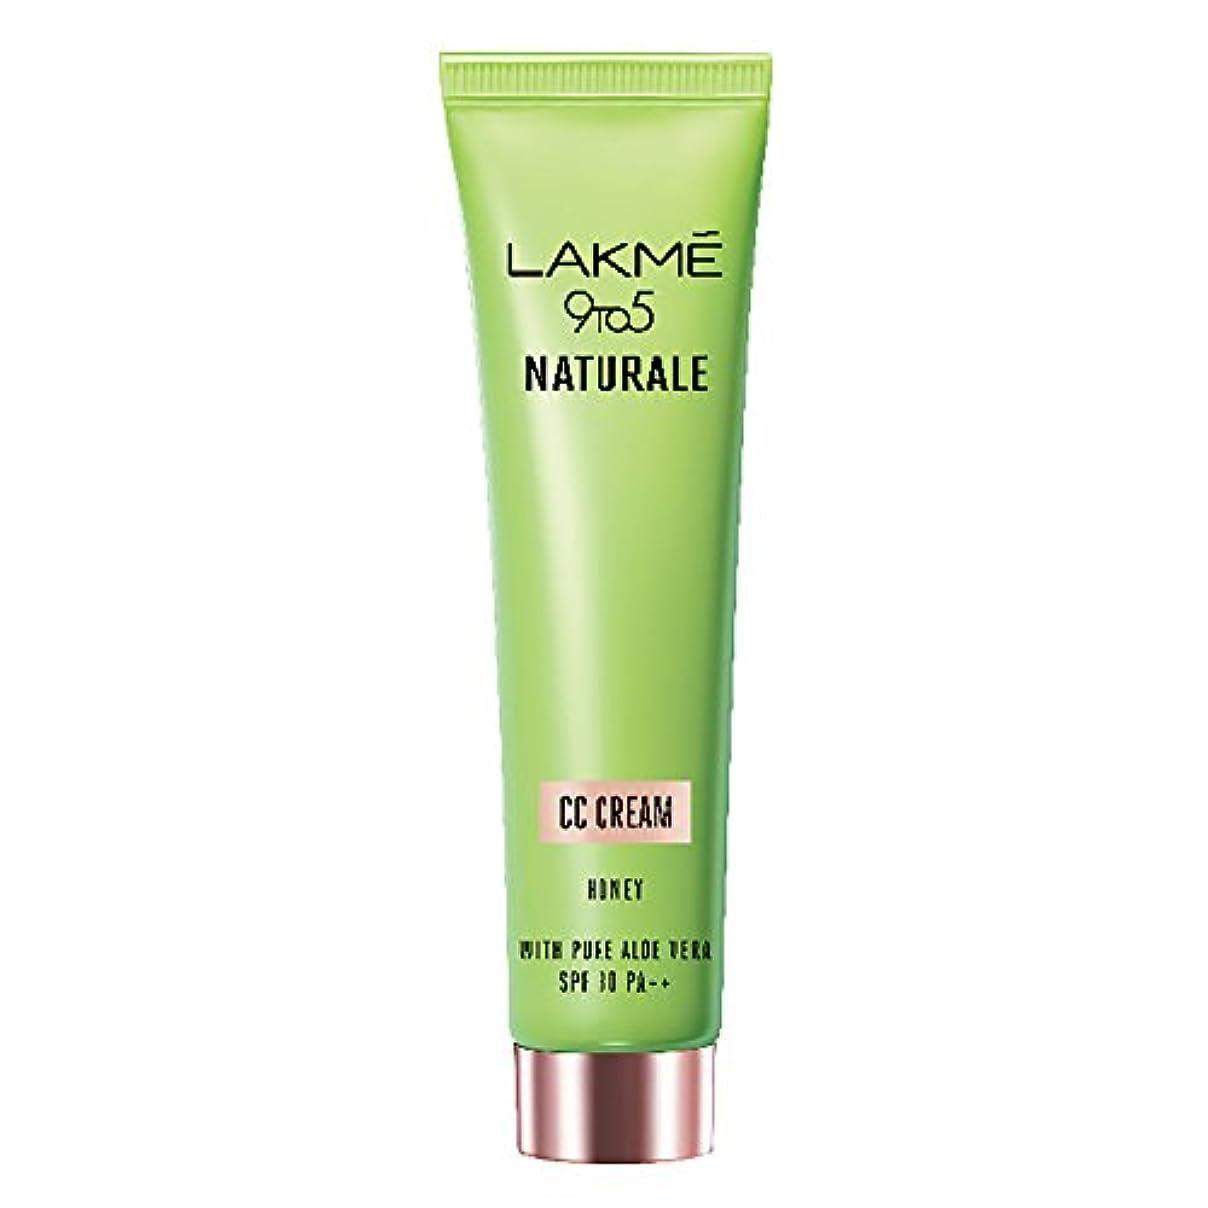 気質ほぼ世紀Lakme 9 to 5 Naturale CC Cream, Honey, 30g